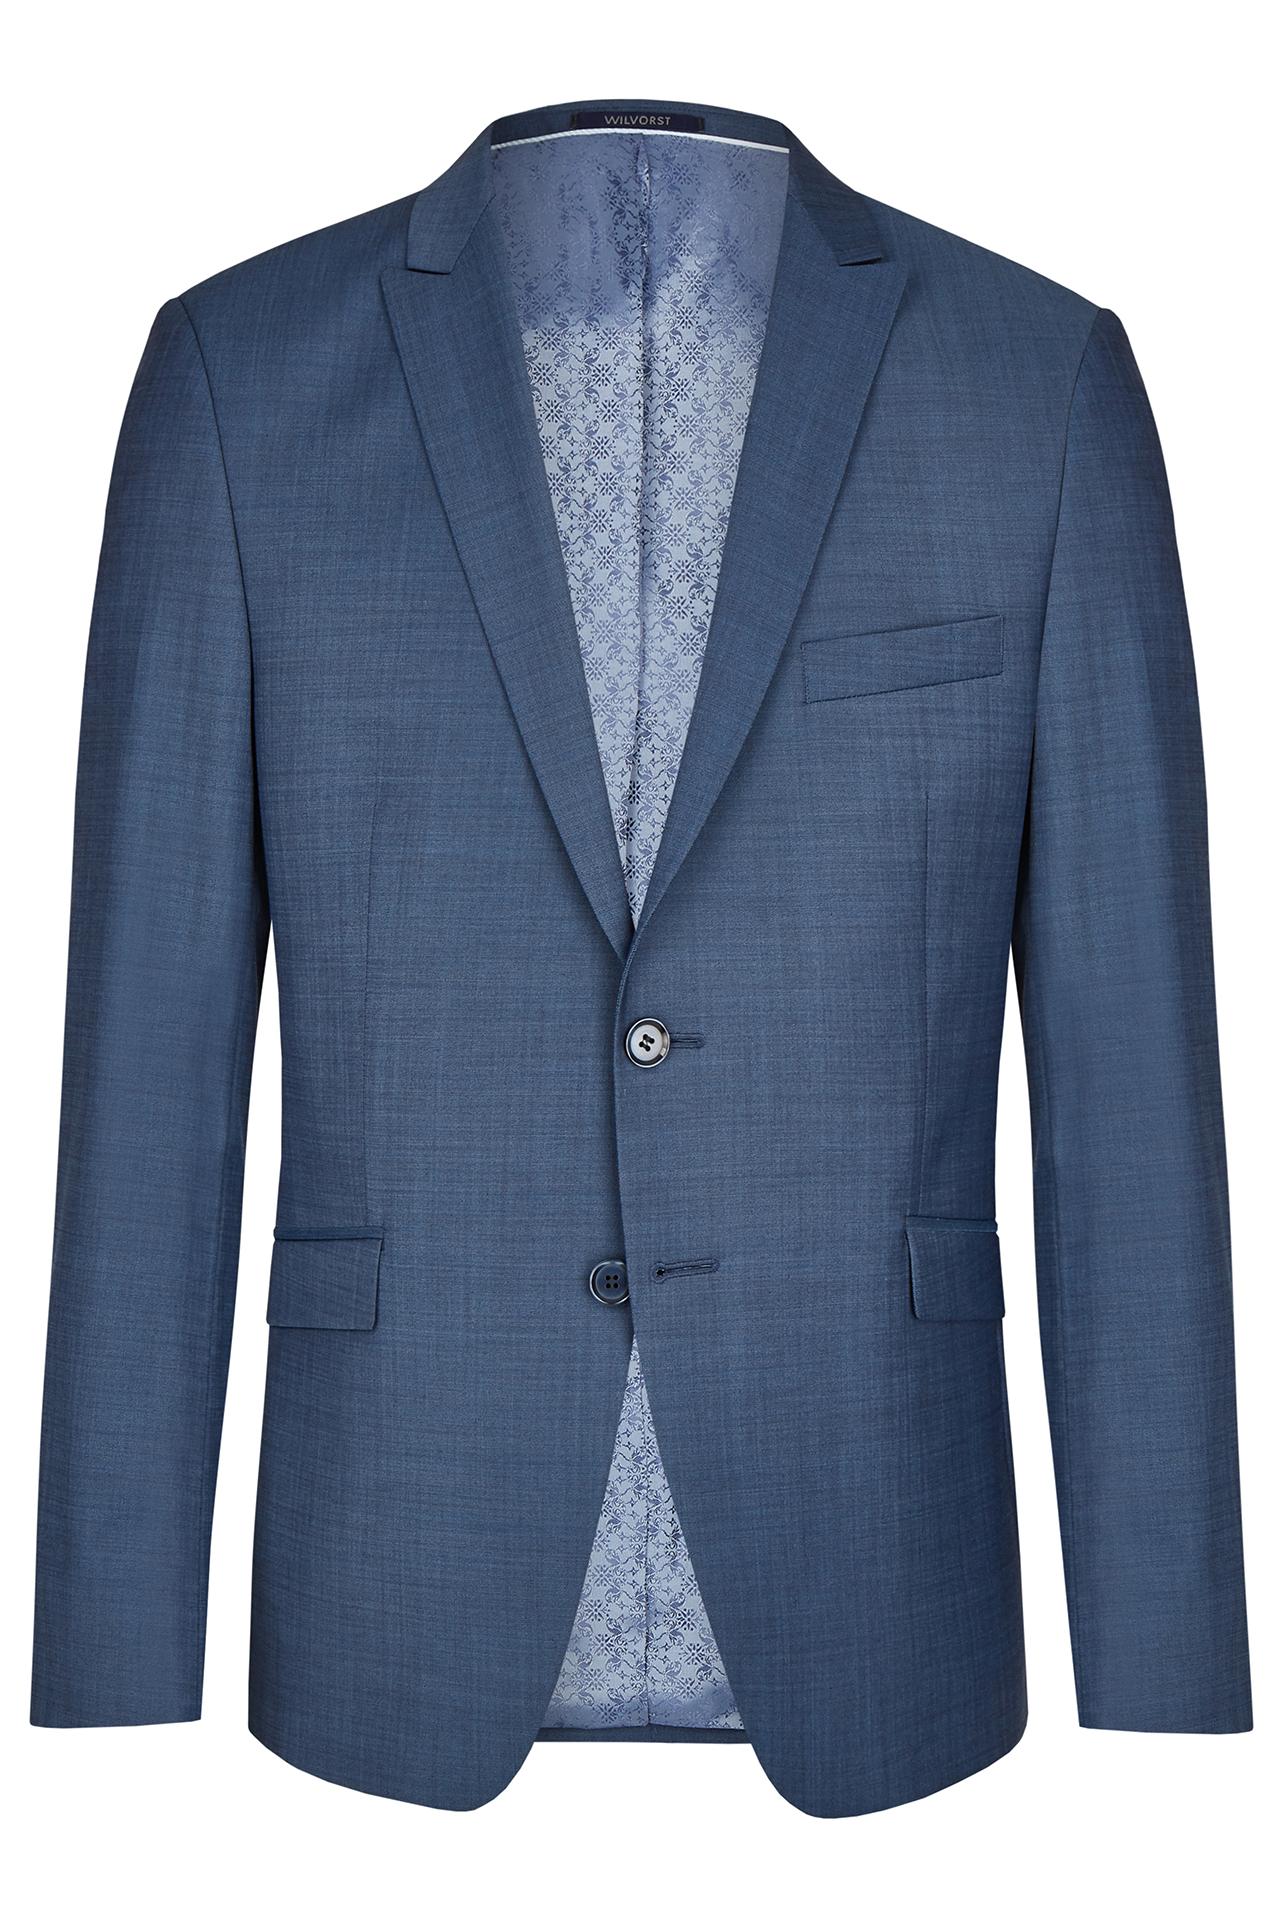 Wilvorst Hochzeitsanzug Sakko After Six blau 461101 13352 034